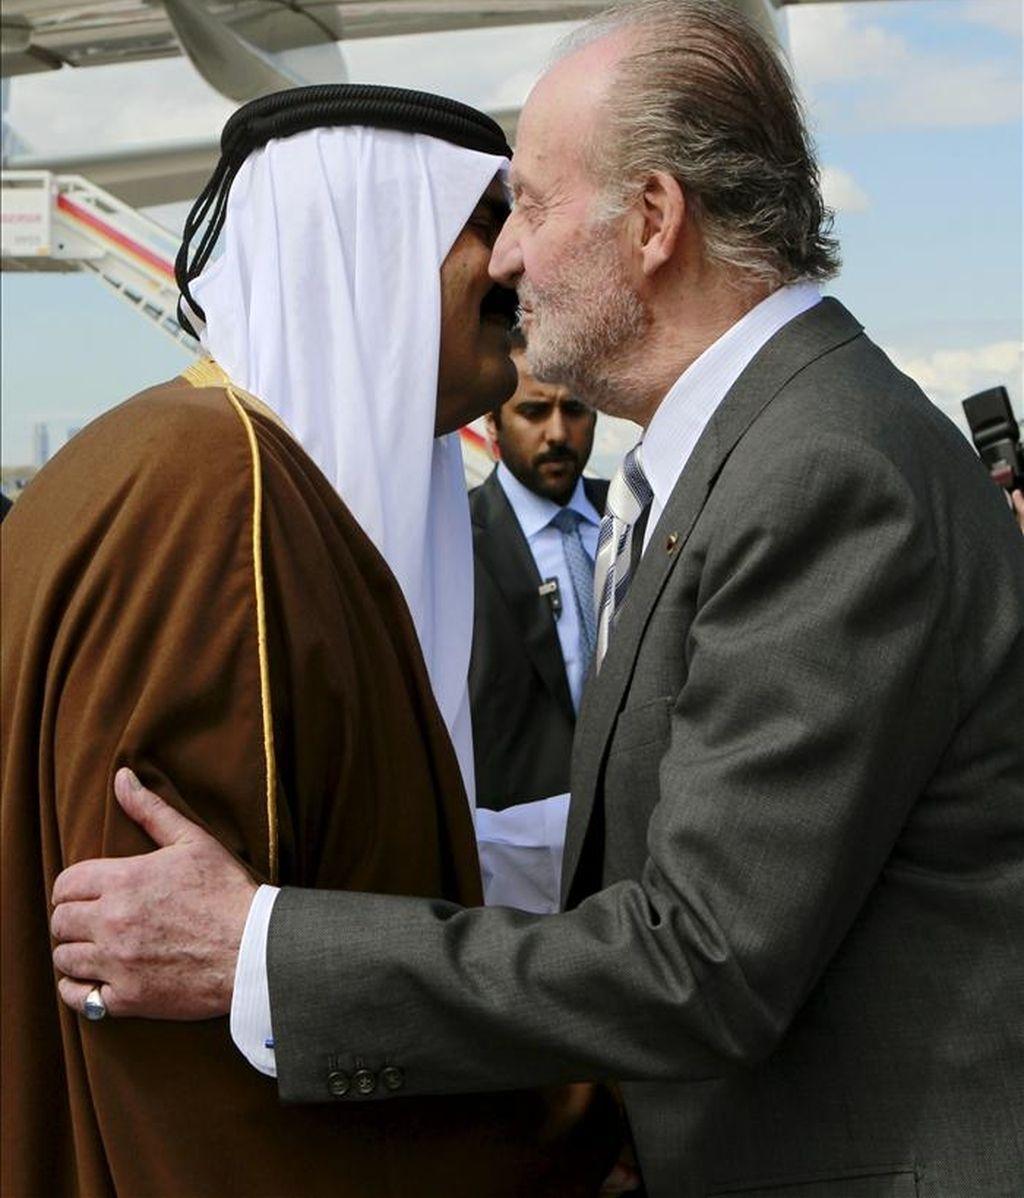 El rey don Juan Carlos saluda al emir de Catar, Hamad Bin Jalifa al-Thani, a la llegada de éste, acompañado de su esposa, Mozah Bint Nasser, al aeropuerto de Barajas, para una visita oficial en la que reforzarán las relaciones bilaterales entre ambos países. EFE